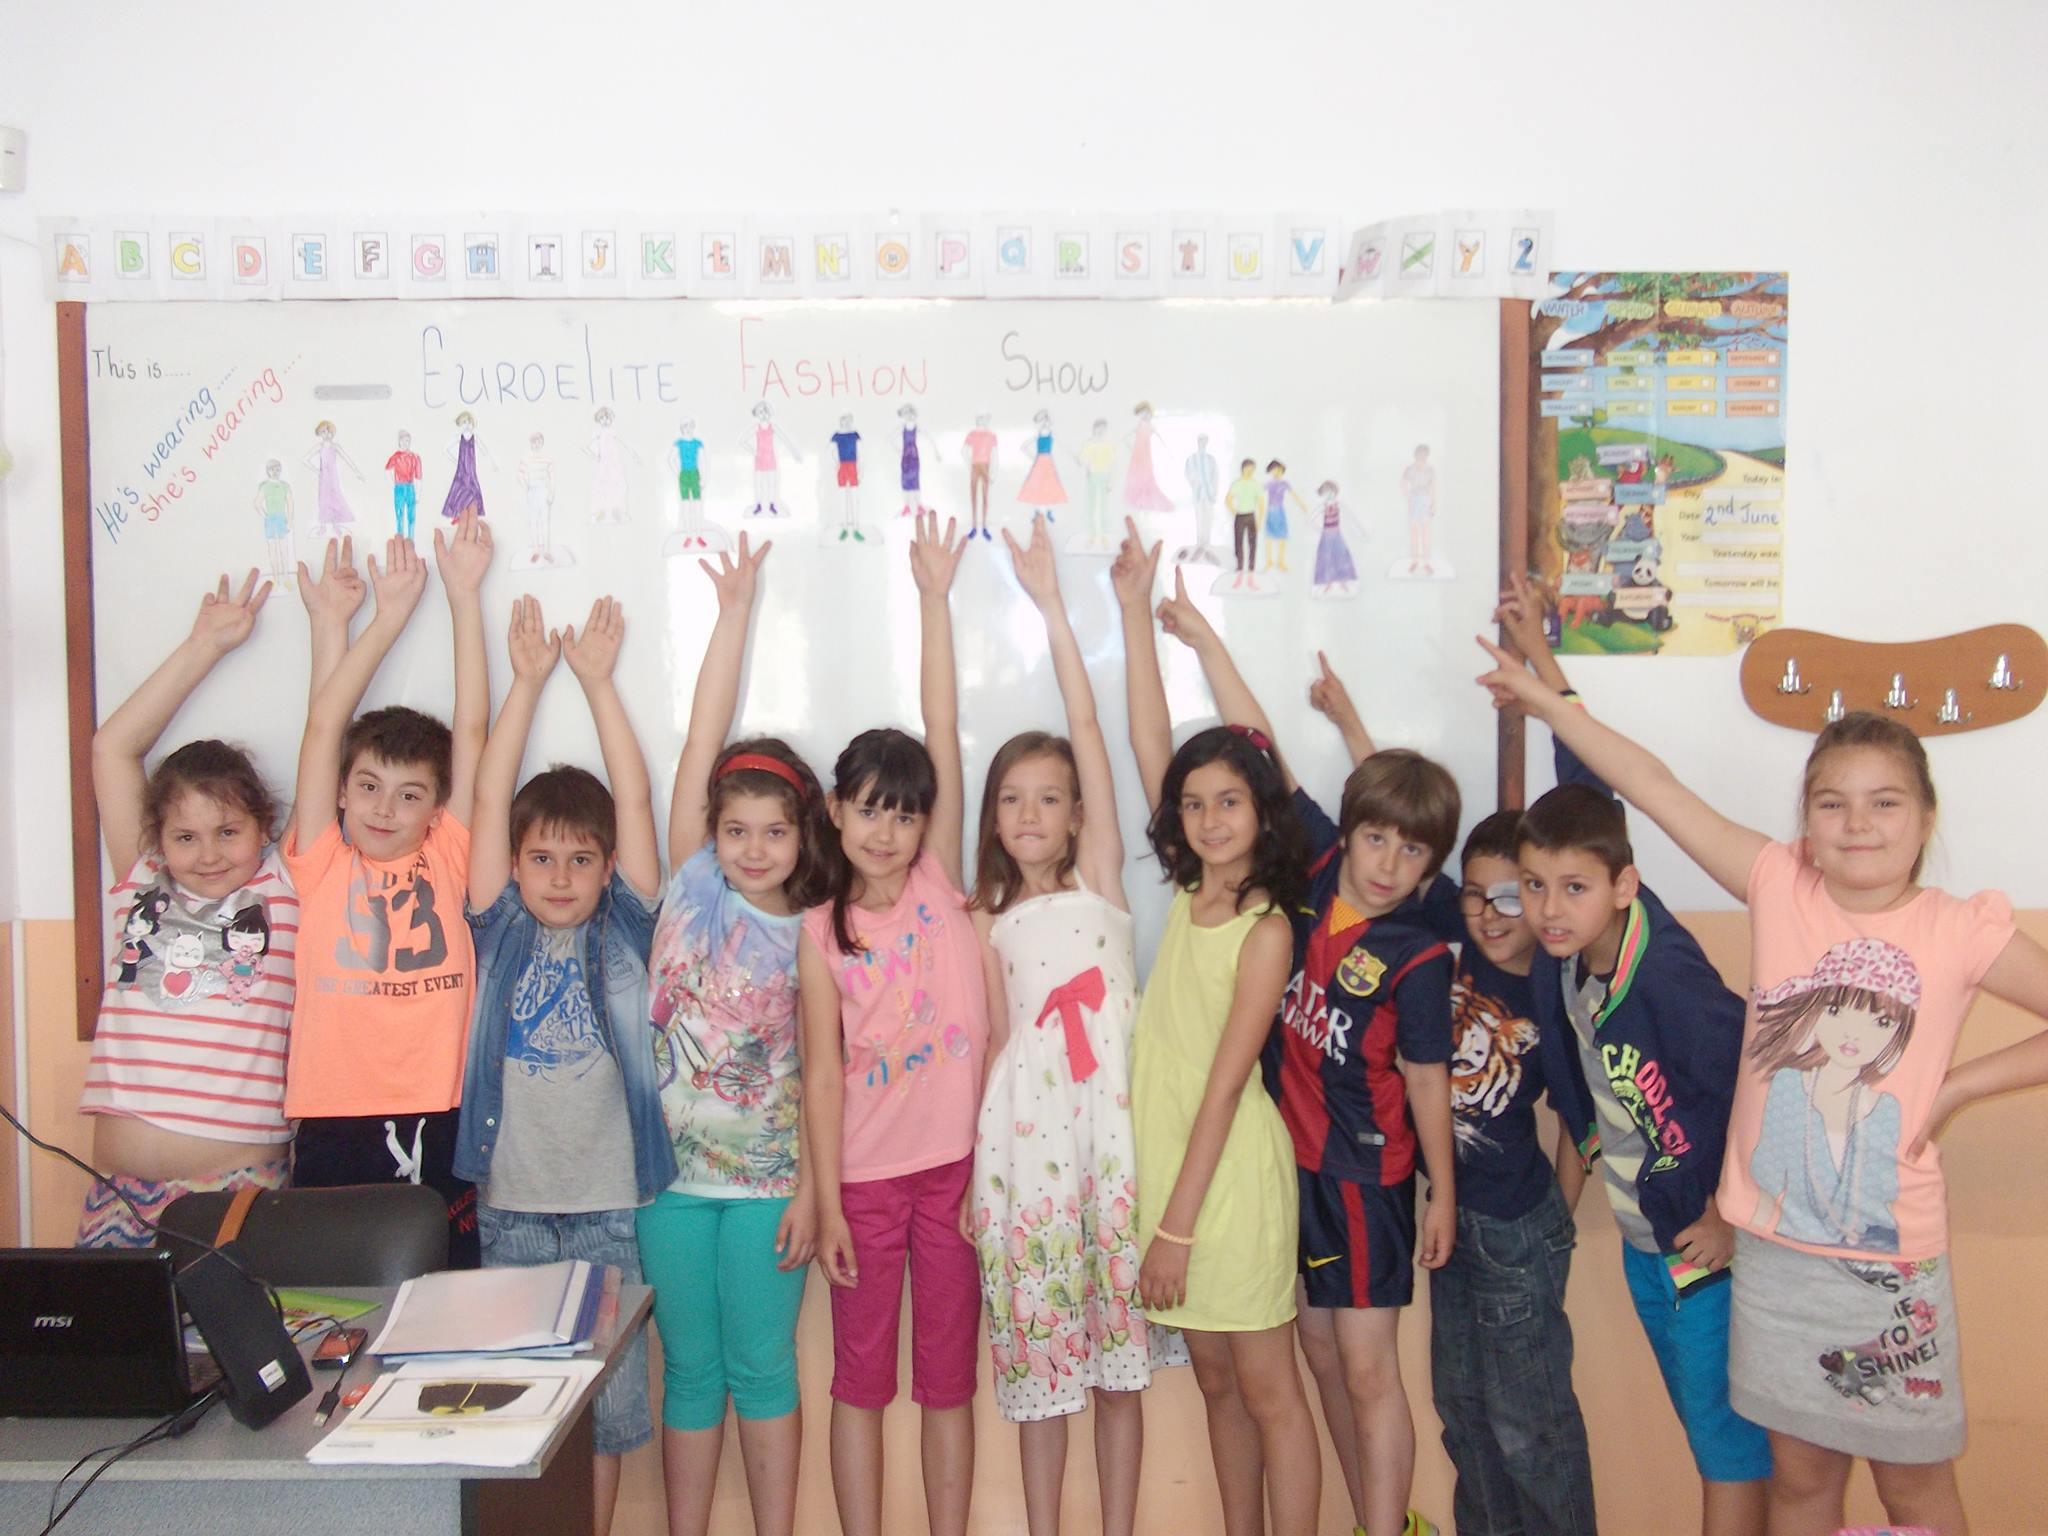 Летен подготвителен курс за първокласници гр. Пловдив от езиково училище Euroelite